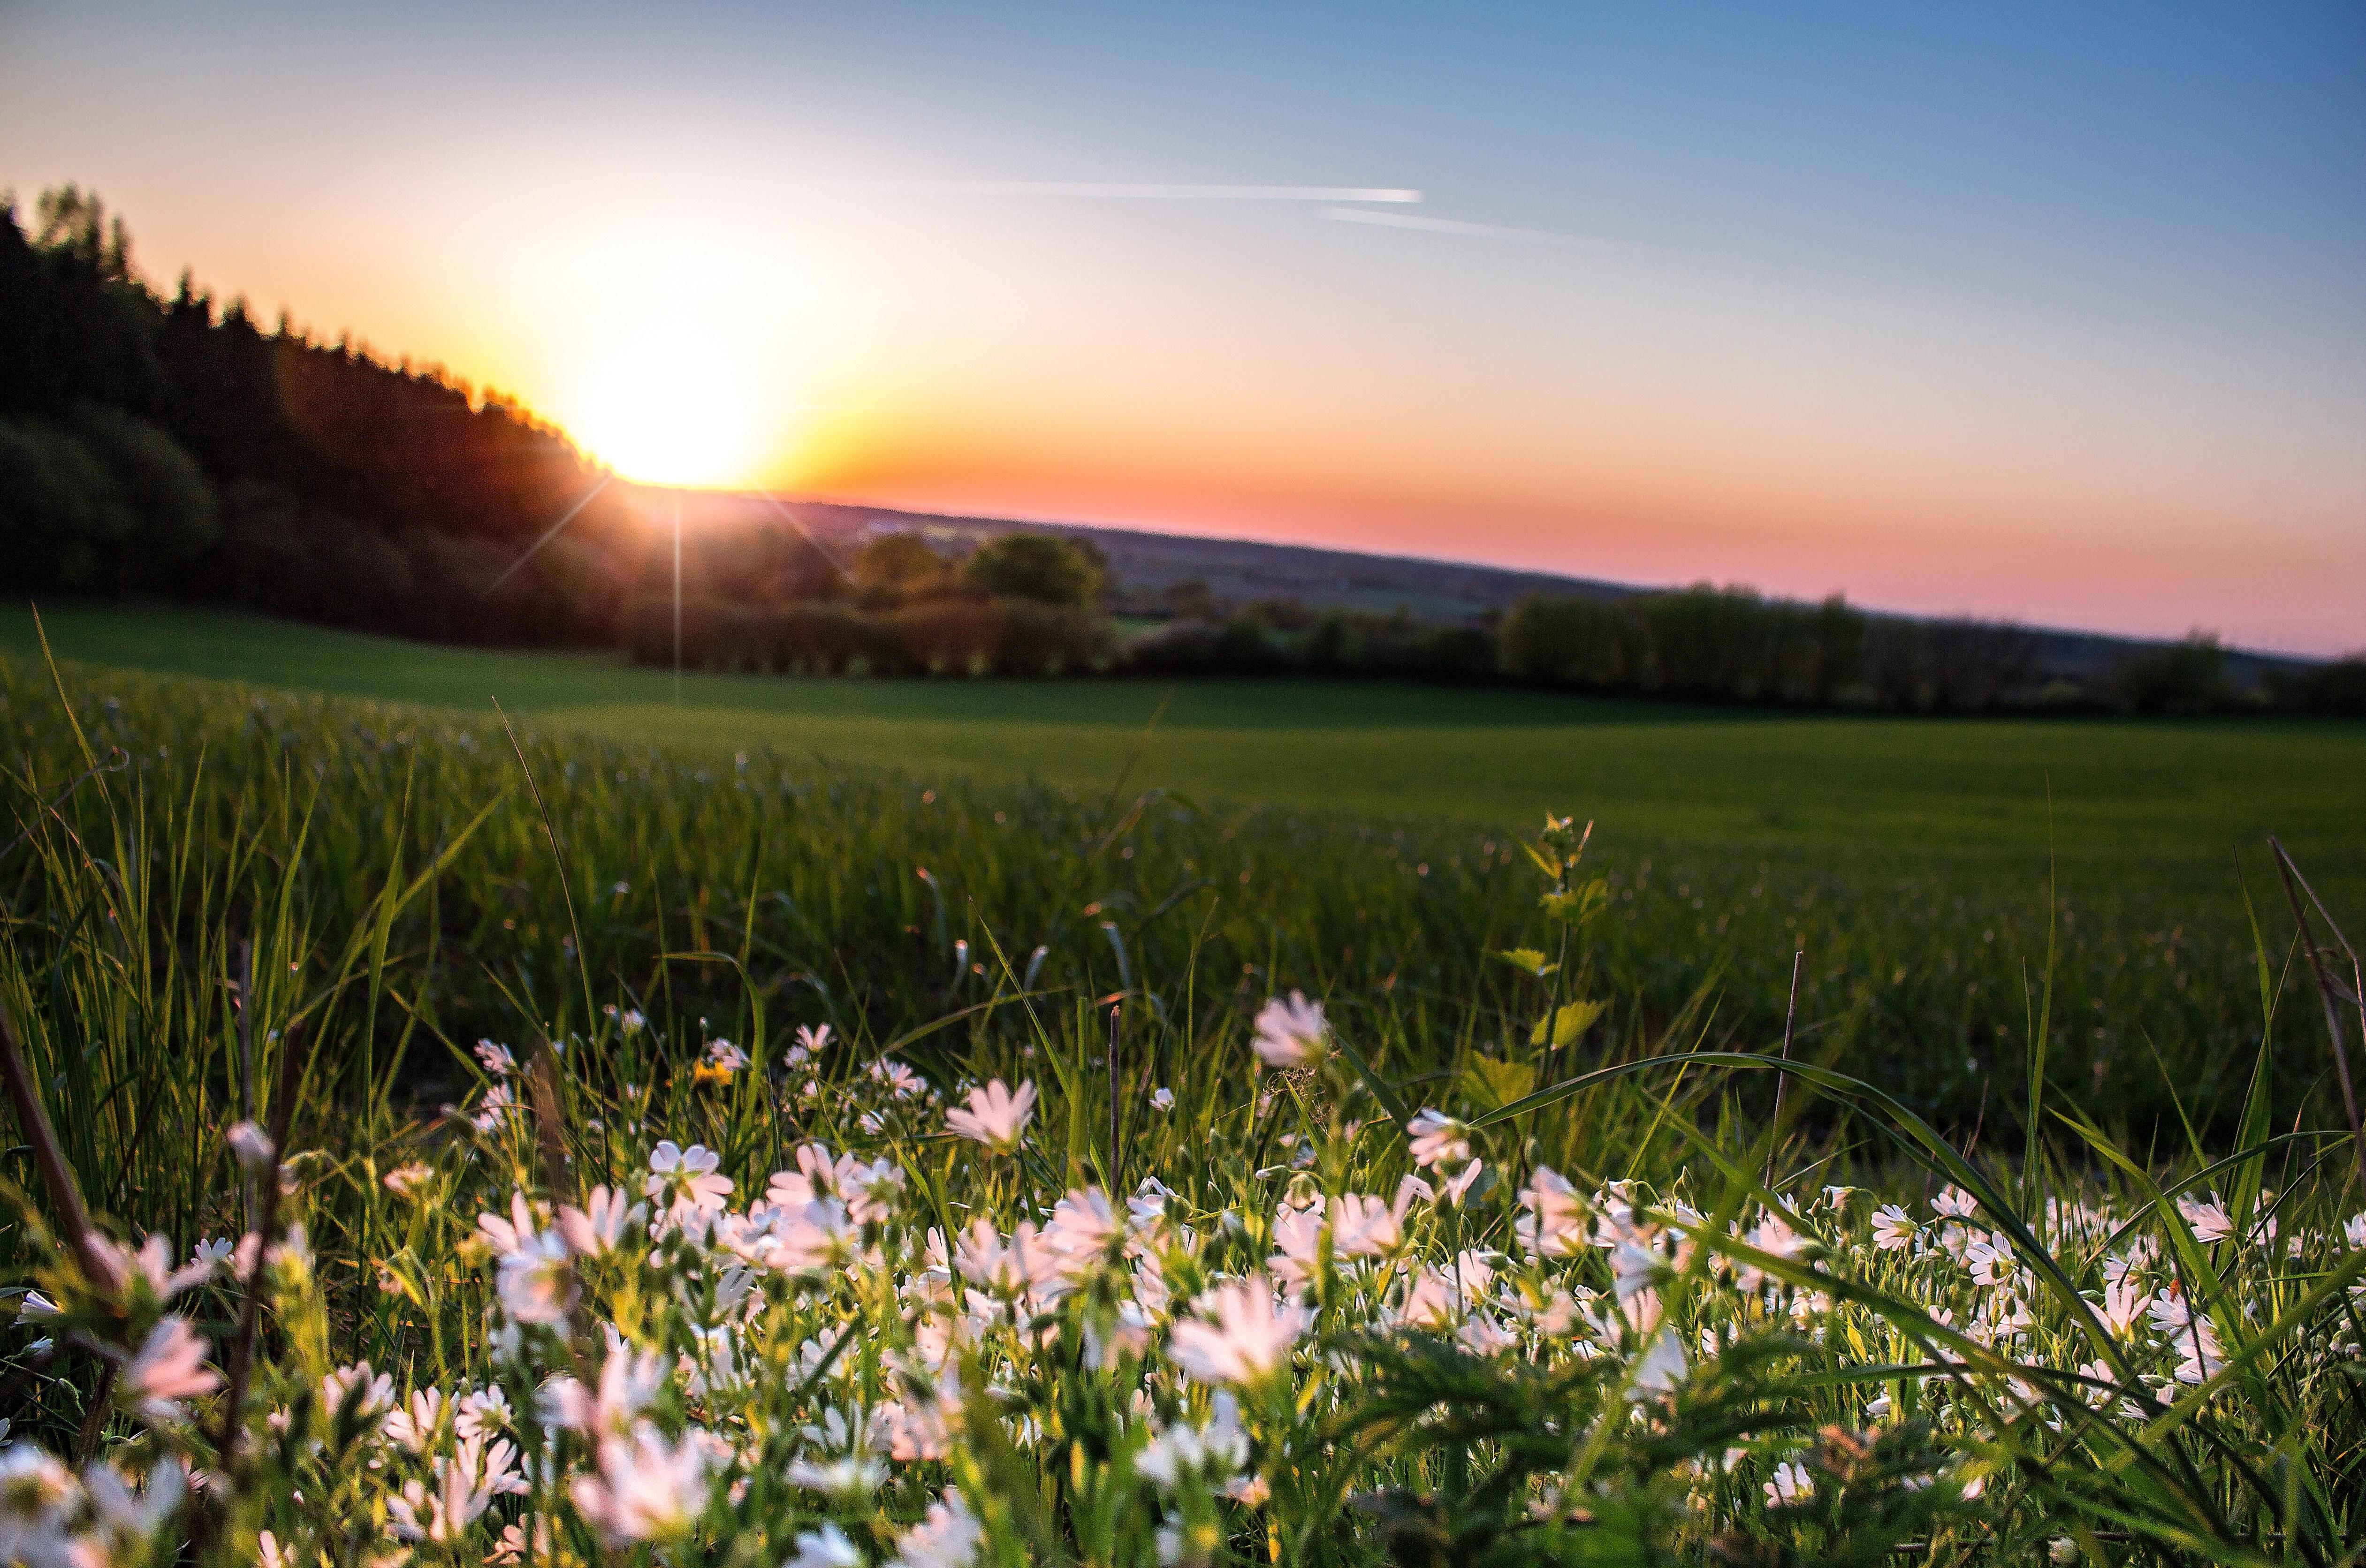 Открытки, картинки поле цветы солнце